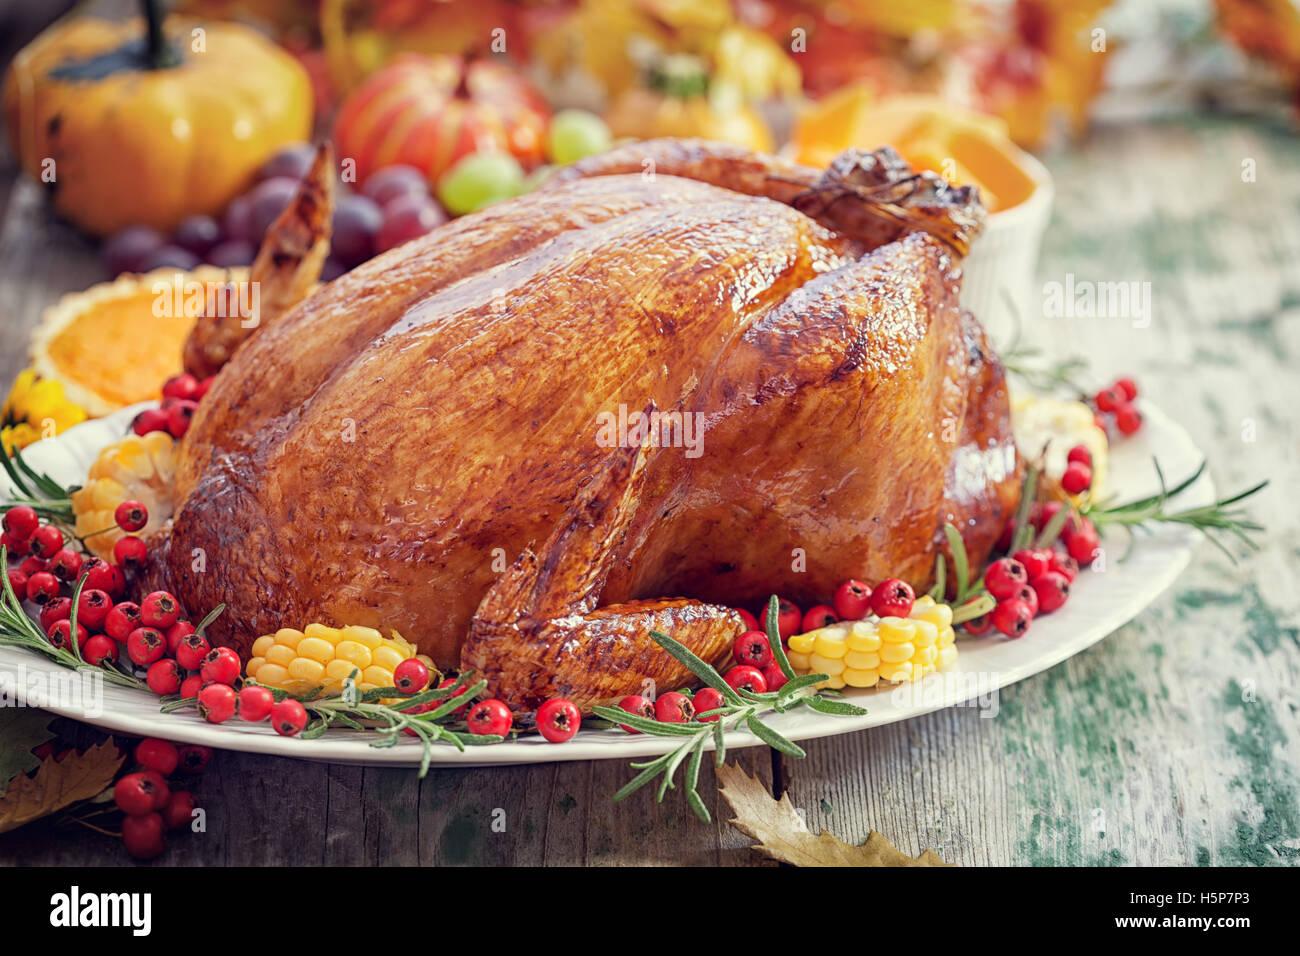 Thanksgiving Turkey dinner table setting & Thanksgiving Turkey dinner table setting Stock Photo: 124034907 - Alamy